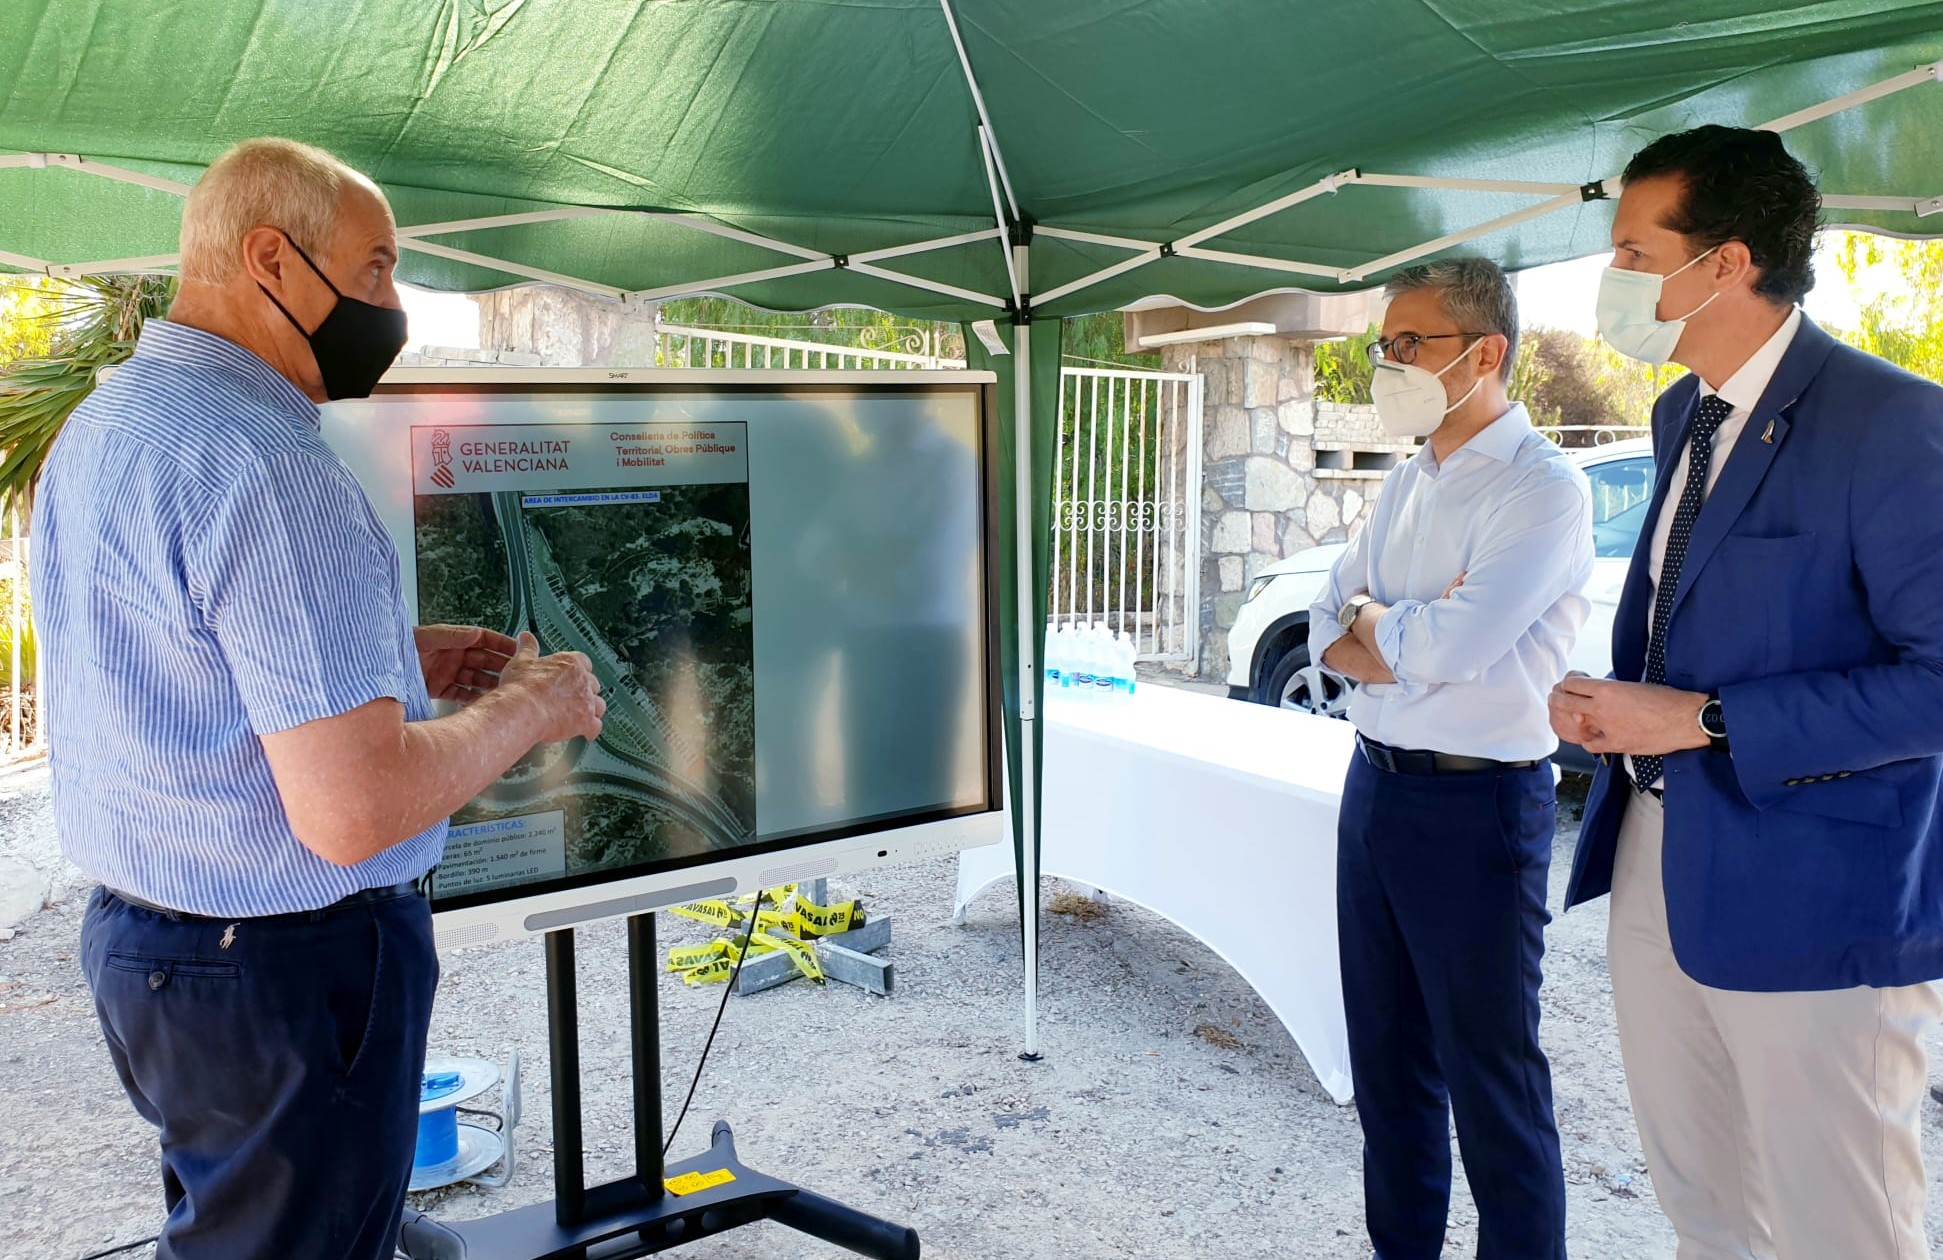 La Generalitat estudiará la propuesta del Ayuntamiento de Elda de crear una vía verde a lo largo del curso del río Vinalopó